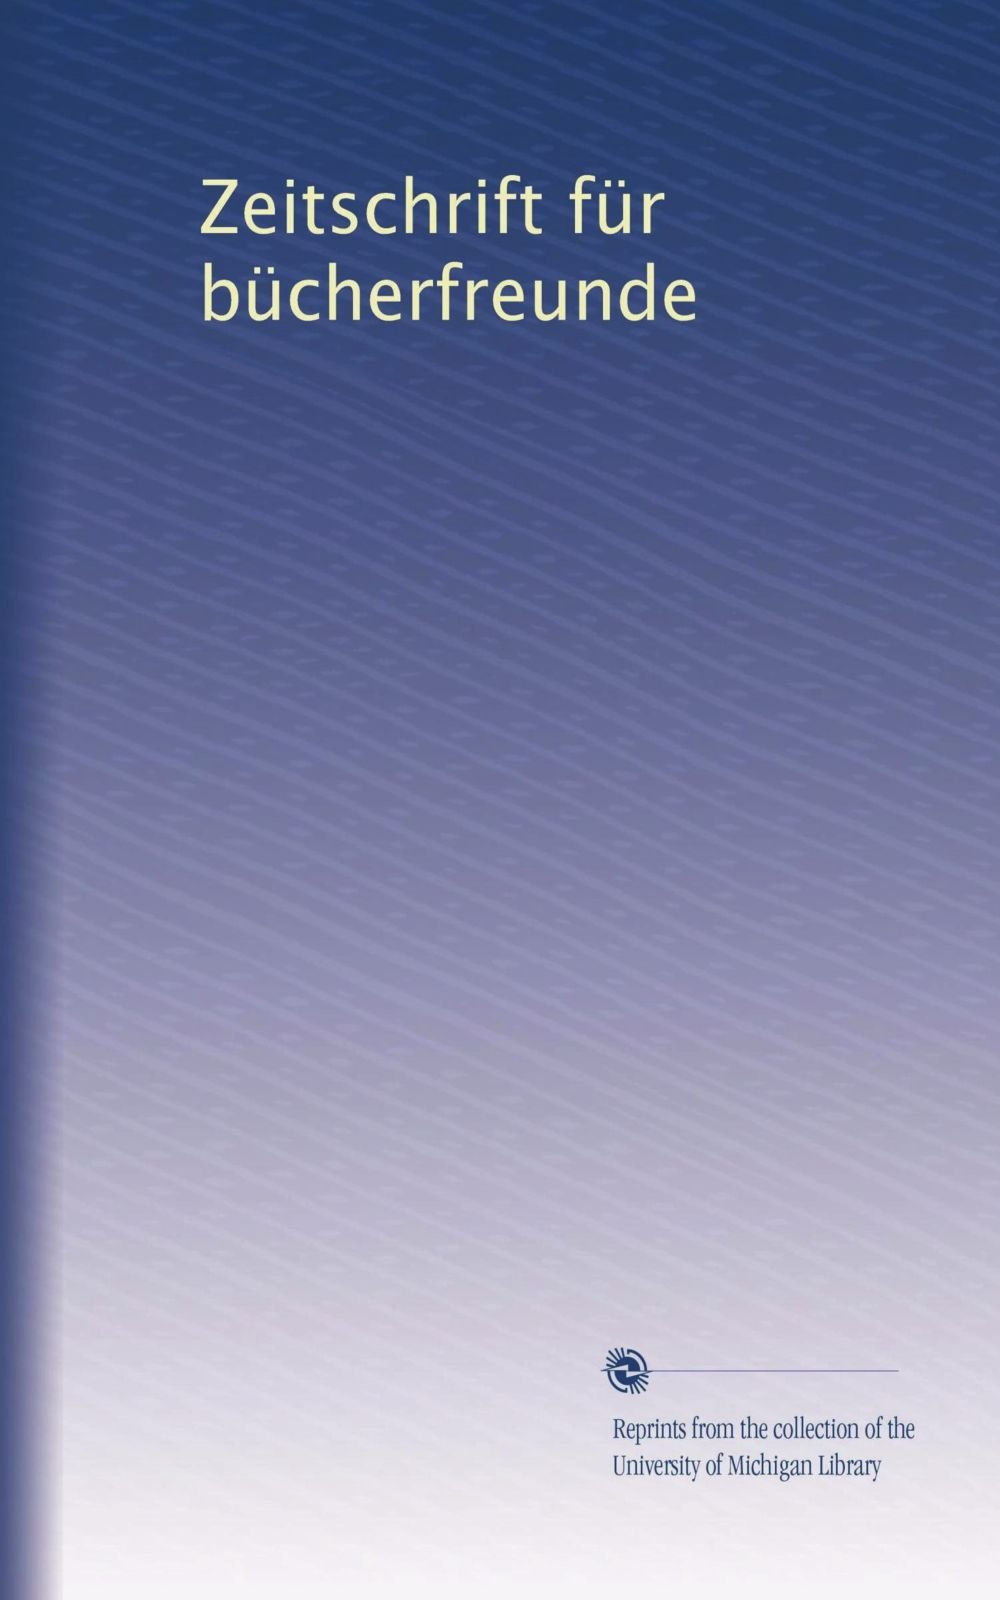 Download Zeitschrift für bücherfreunde (Volume 20) (German Edition) ebook